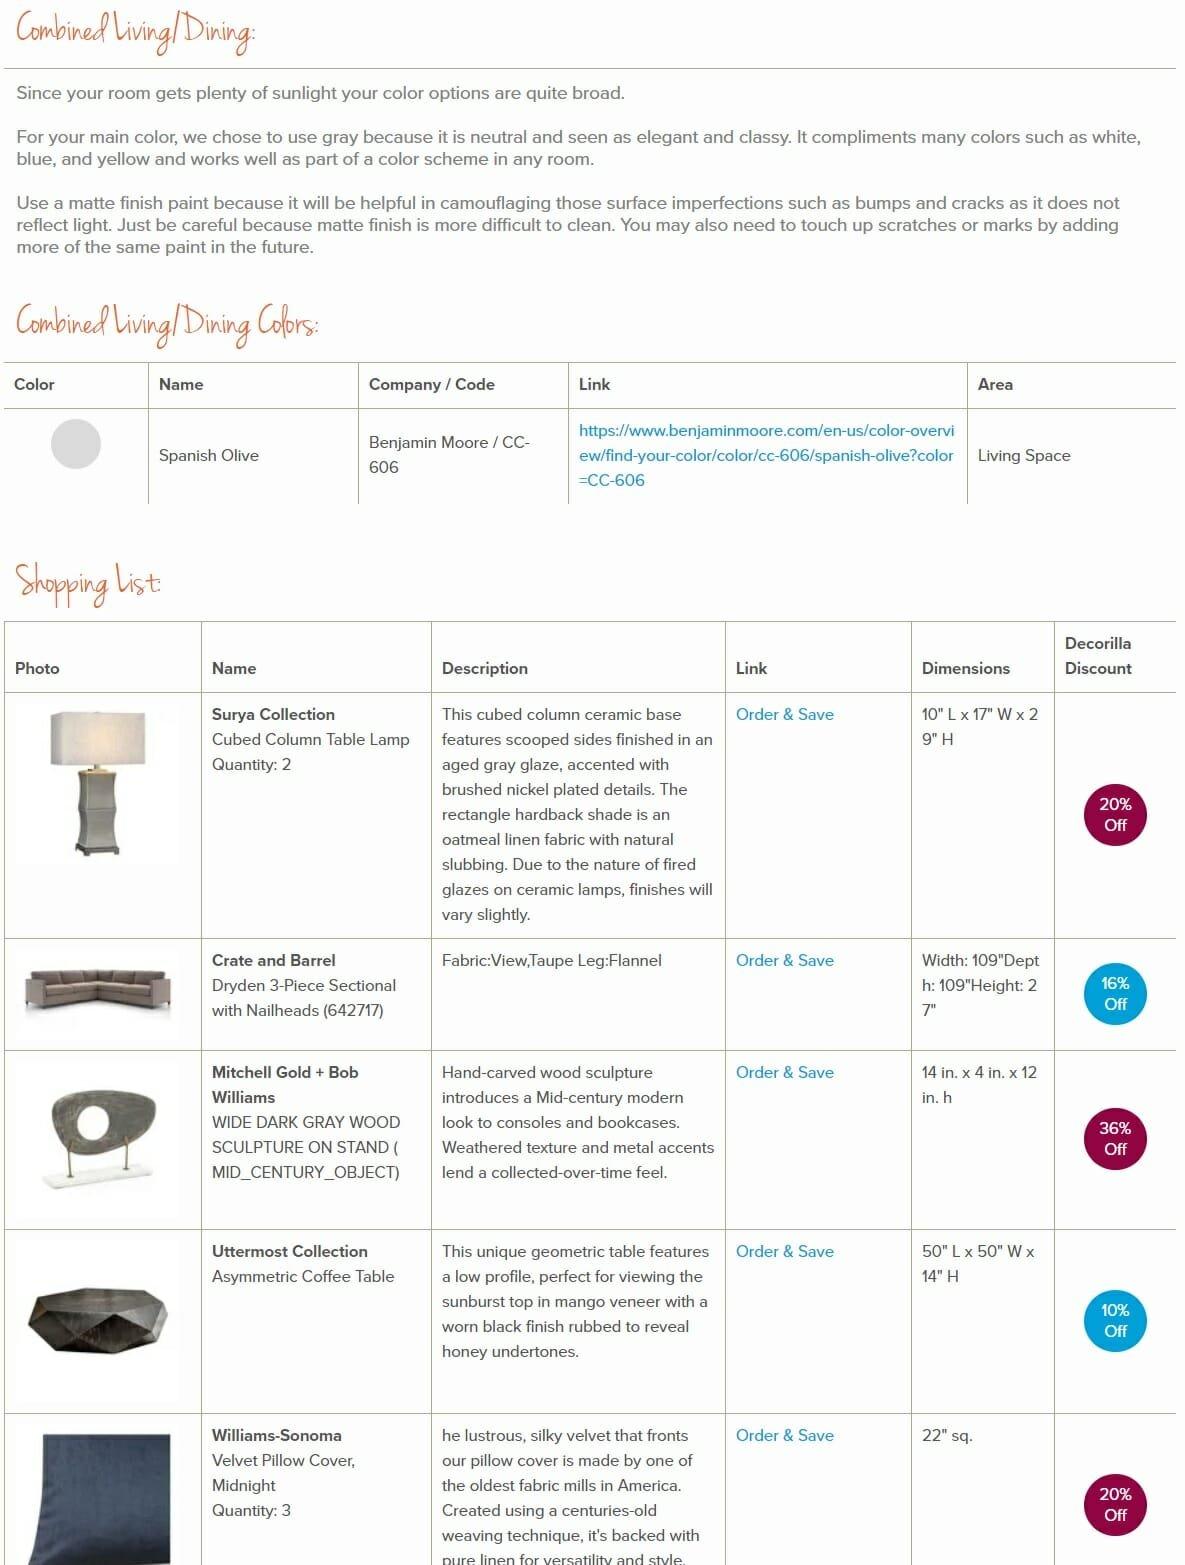 decorilla vs decorist comparison shopping list 6